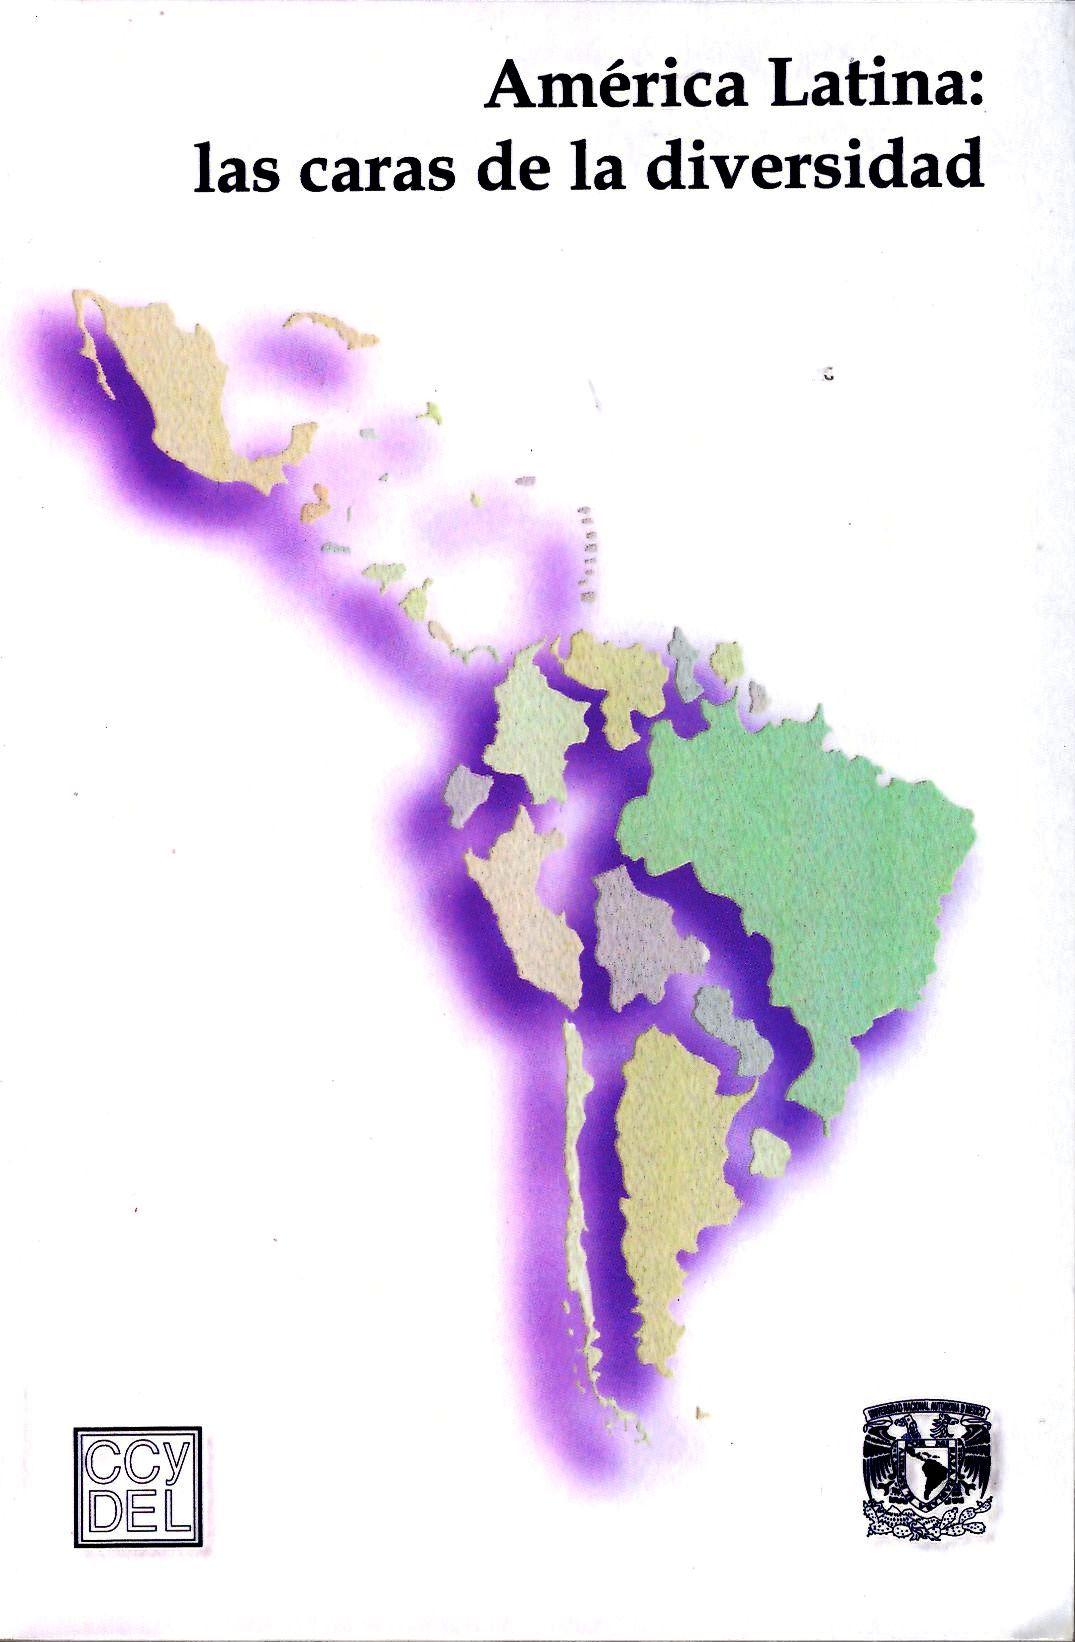 América Latina: las caras de la diversidad